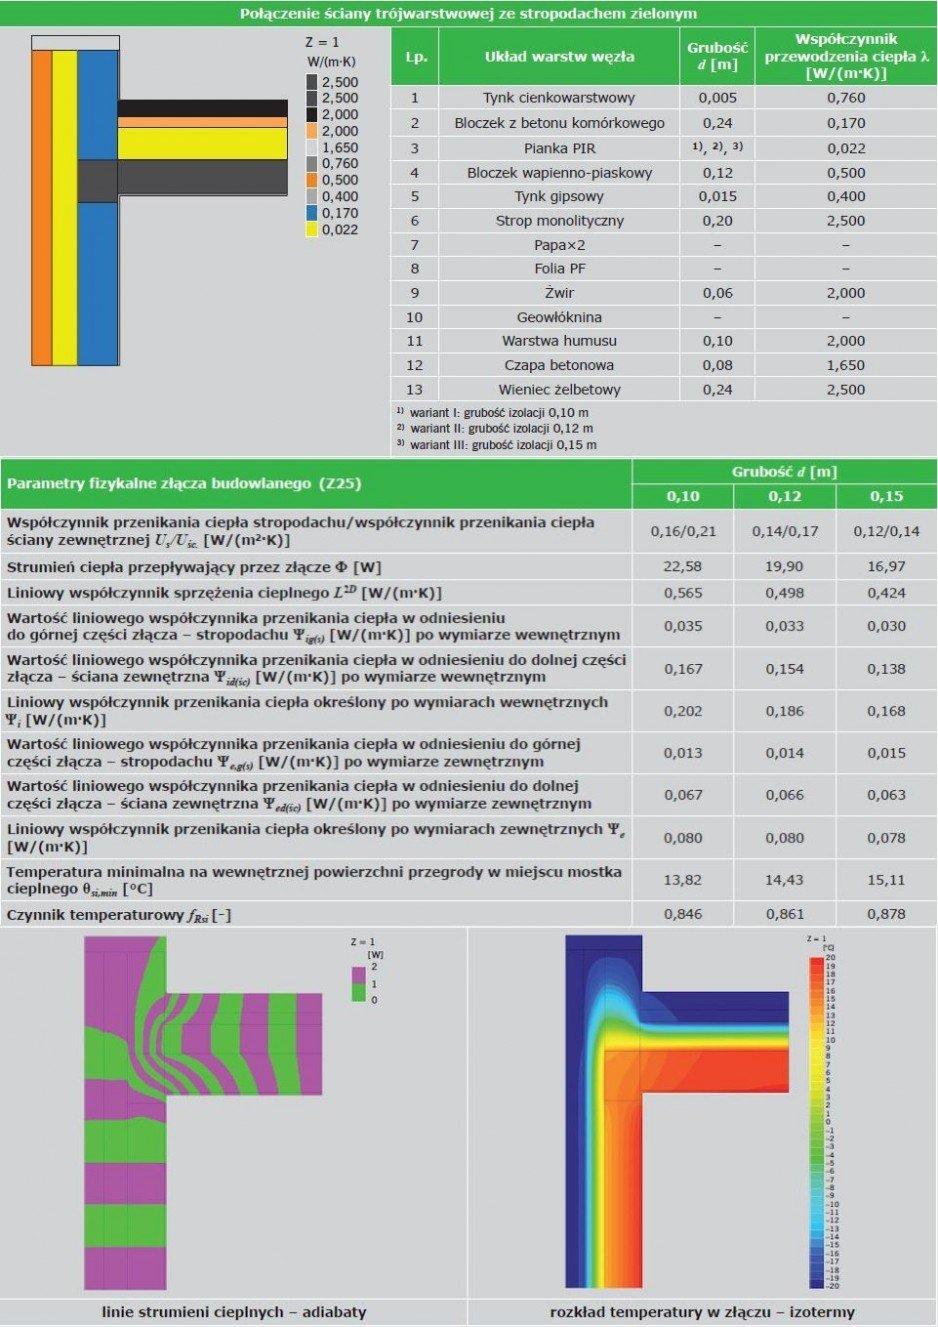 TABELA 7. Przykładowa karta katalogowa złącza dachu zielonego; opracowanie własne na podstawie [18]